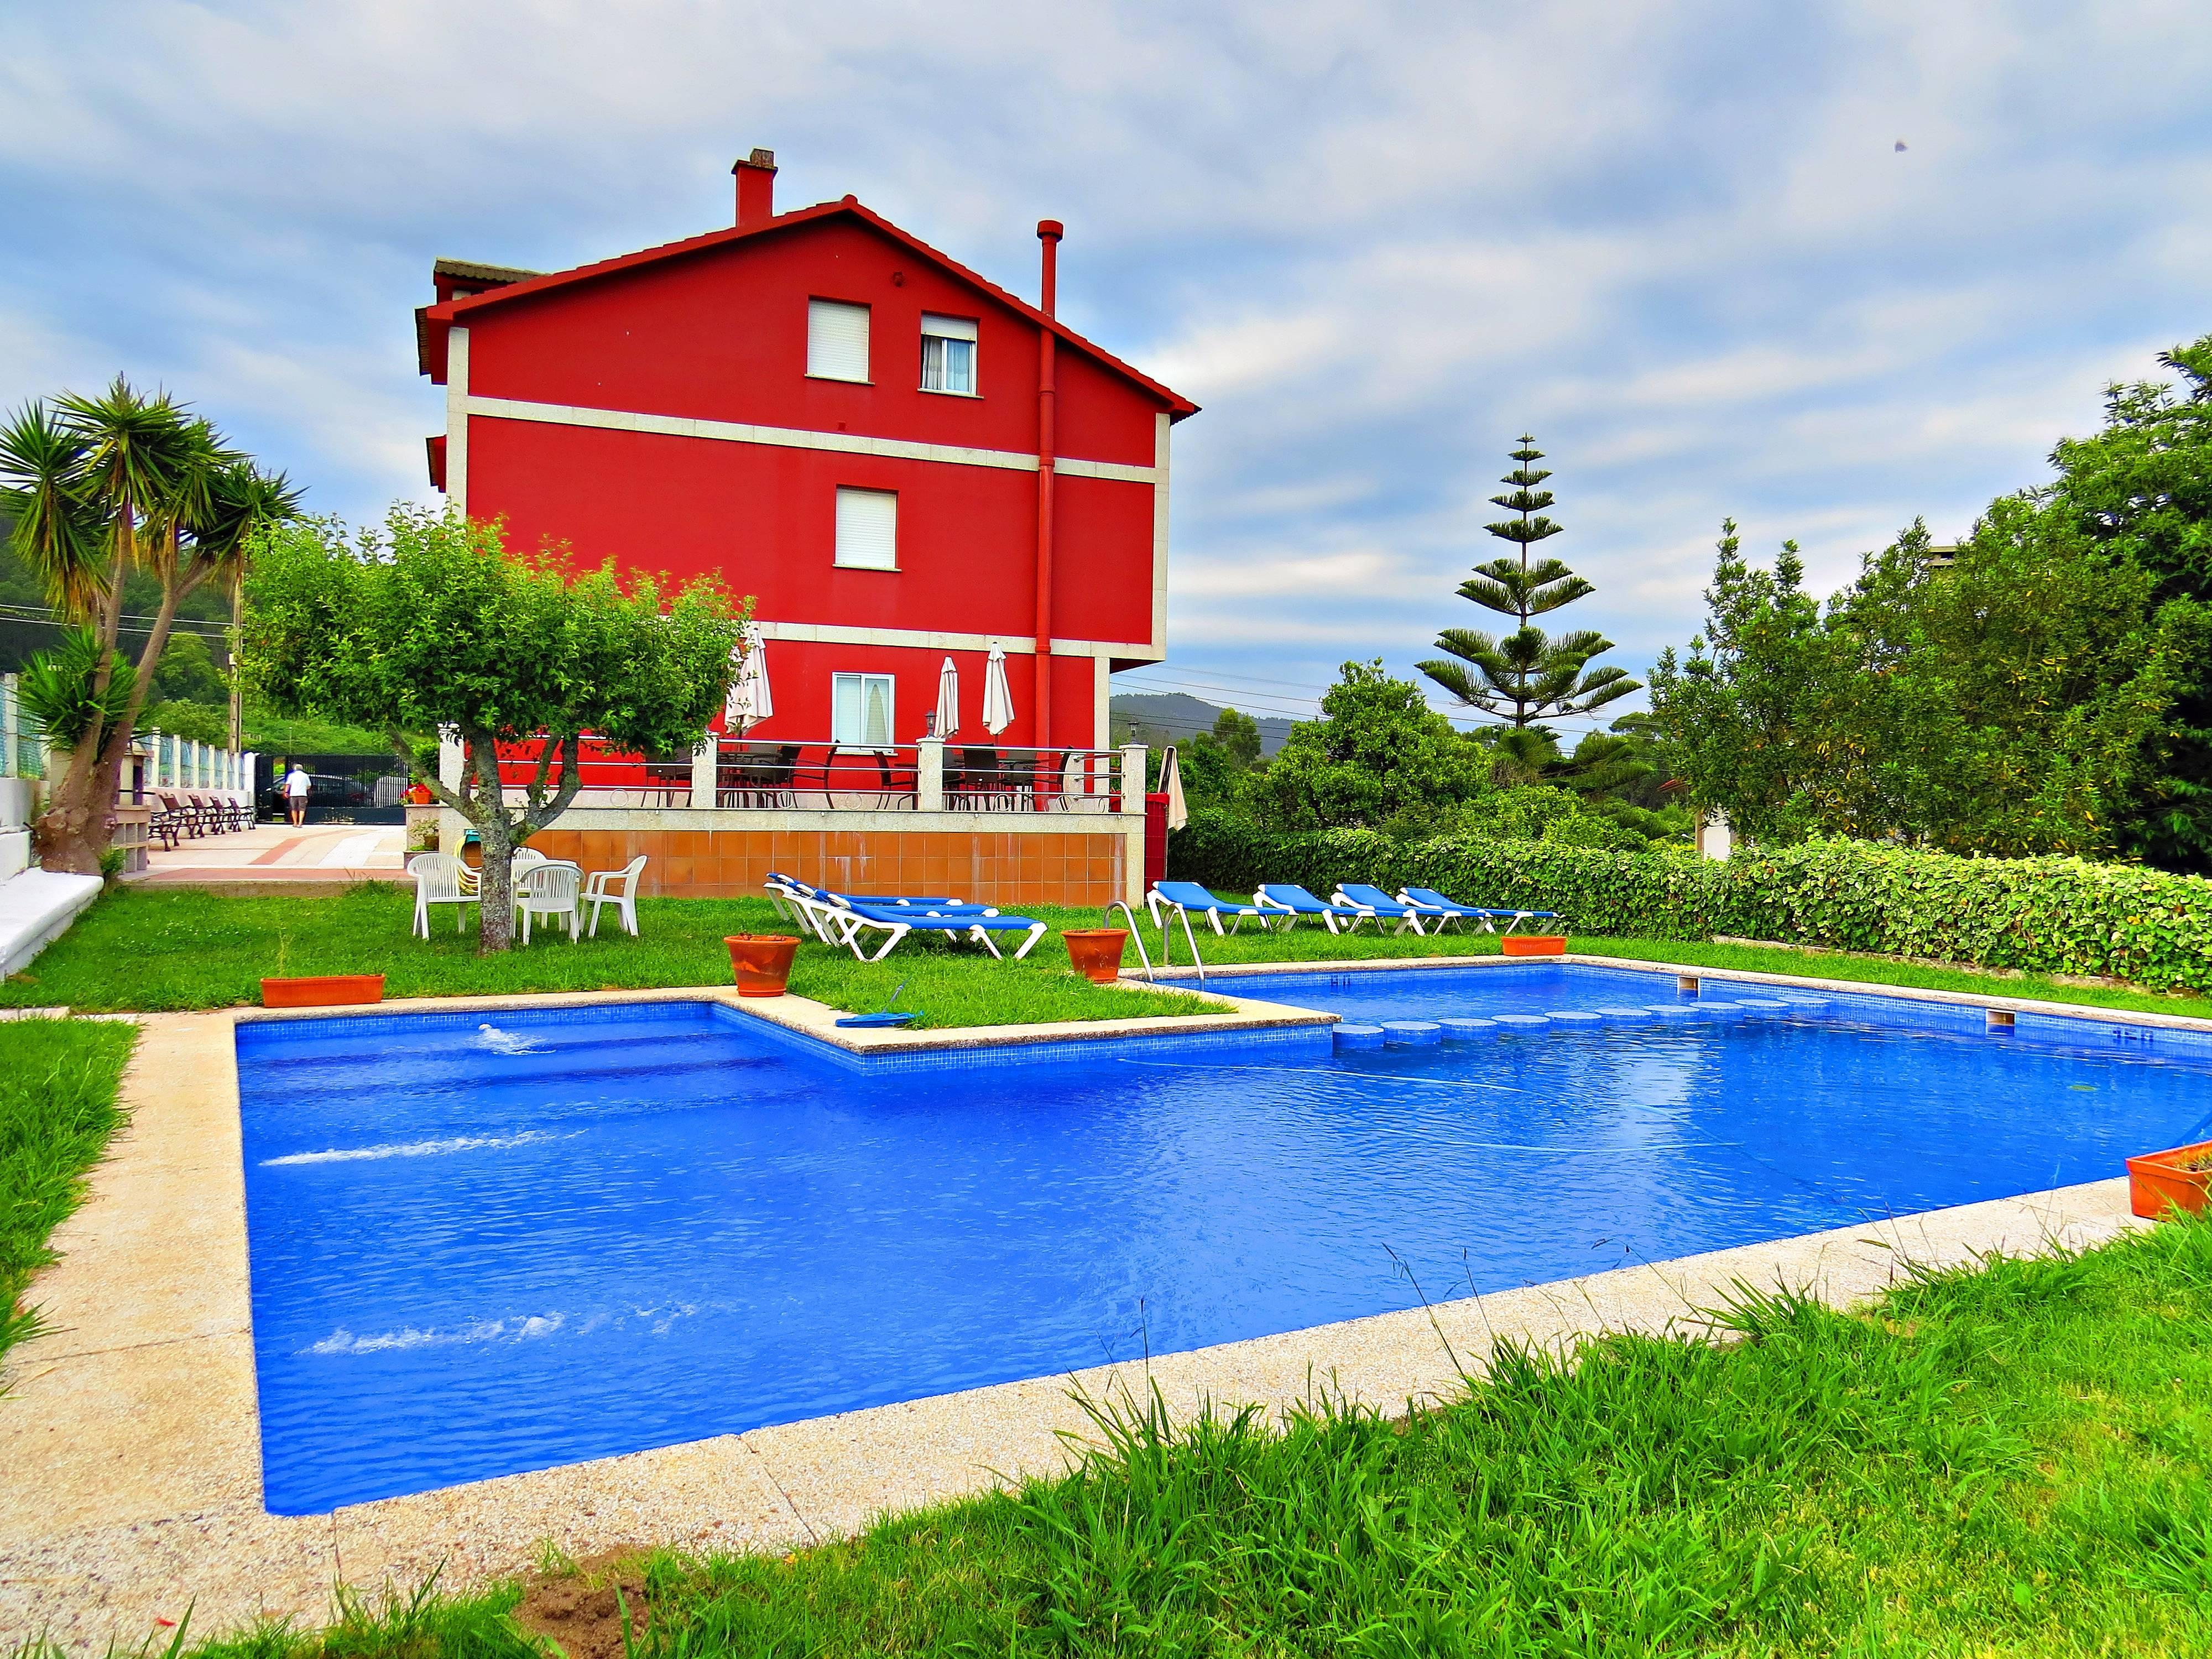 Piscina jard n y barbacoa a 800 m de la playa for Barbacoa y piscina madrid